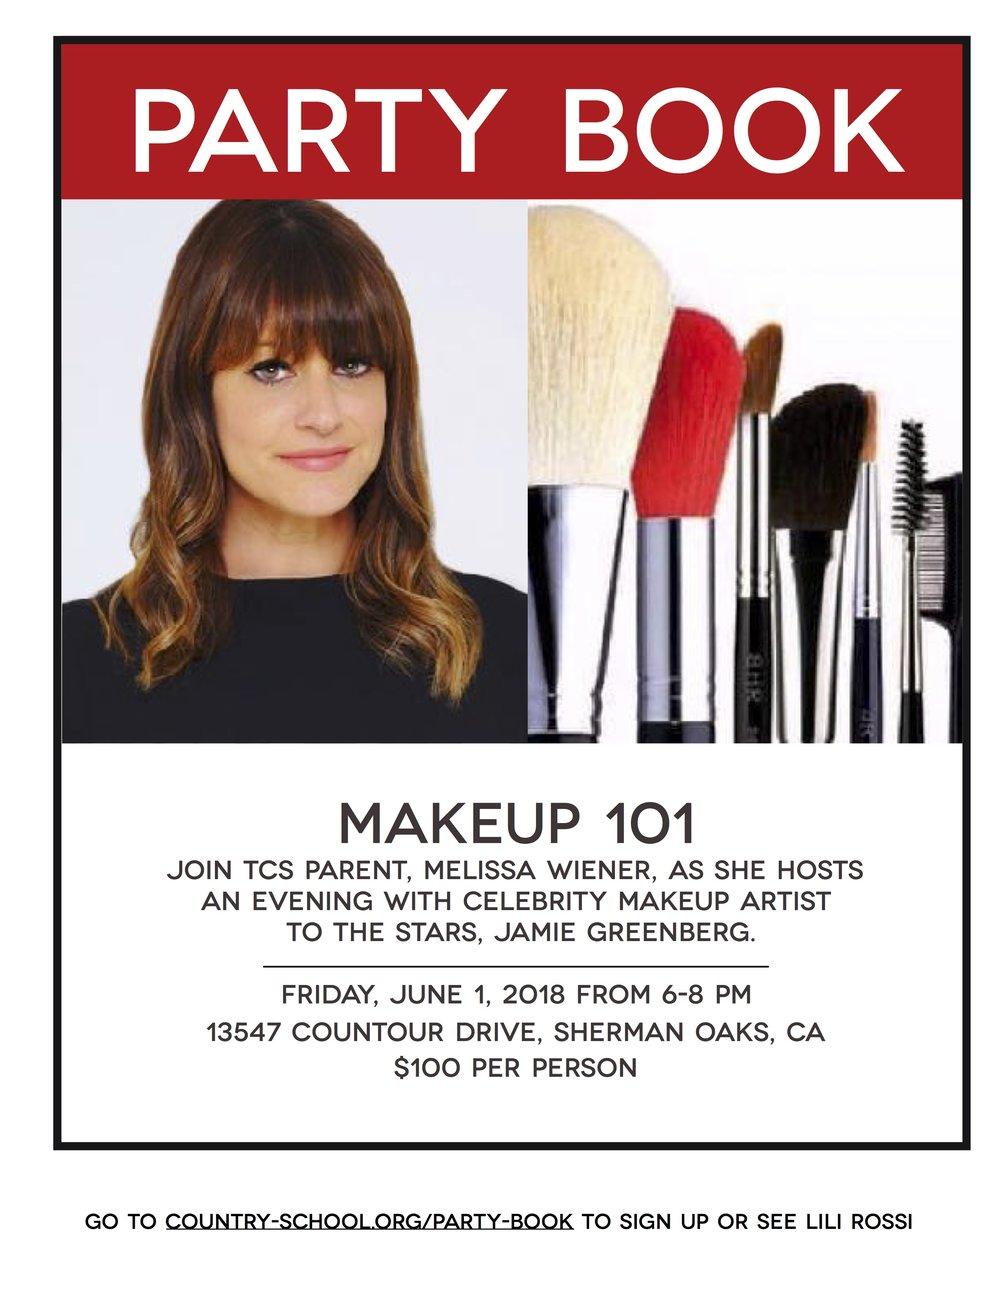 PartyBook_makeup_letter.jpg